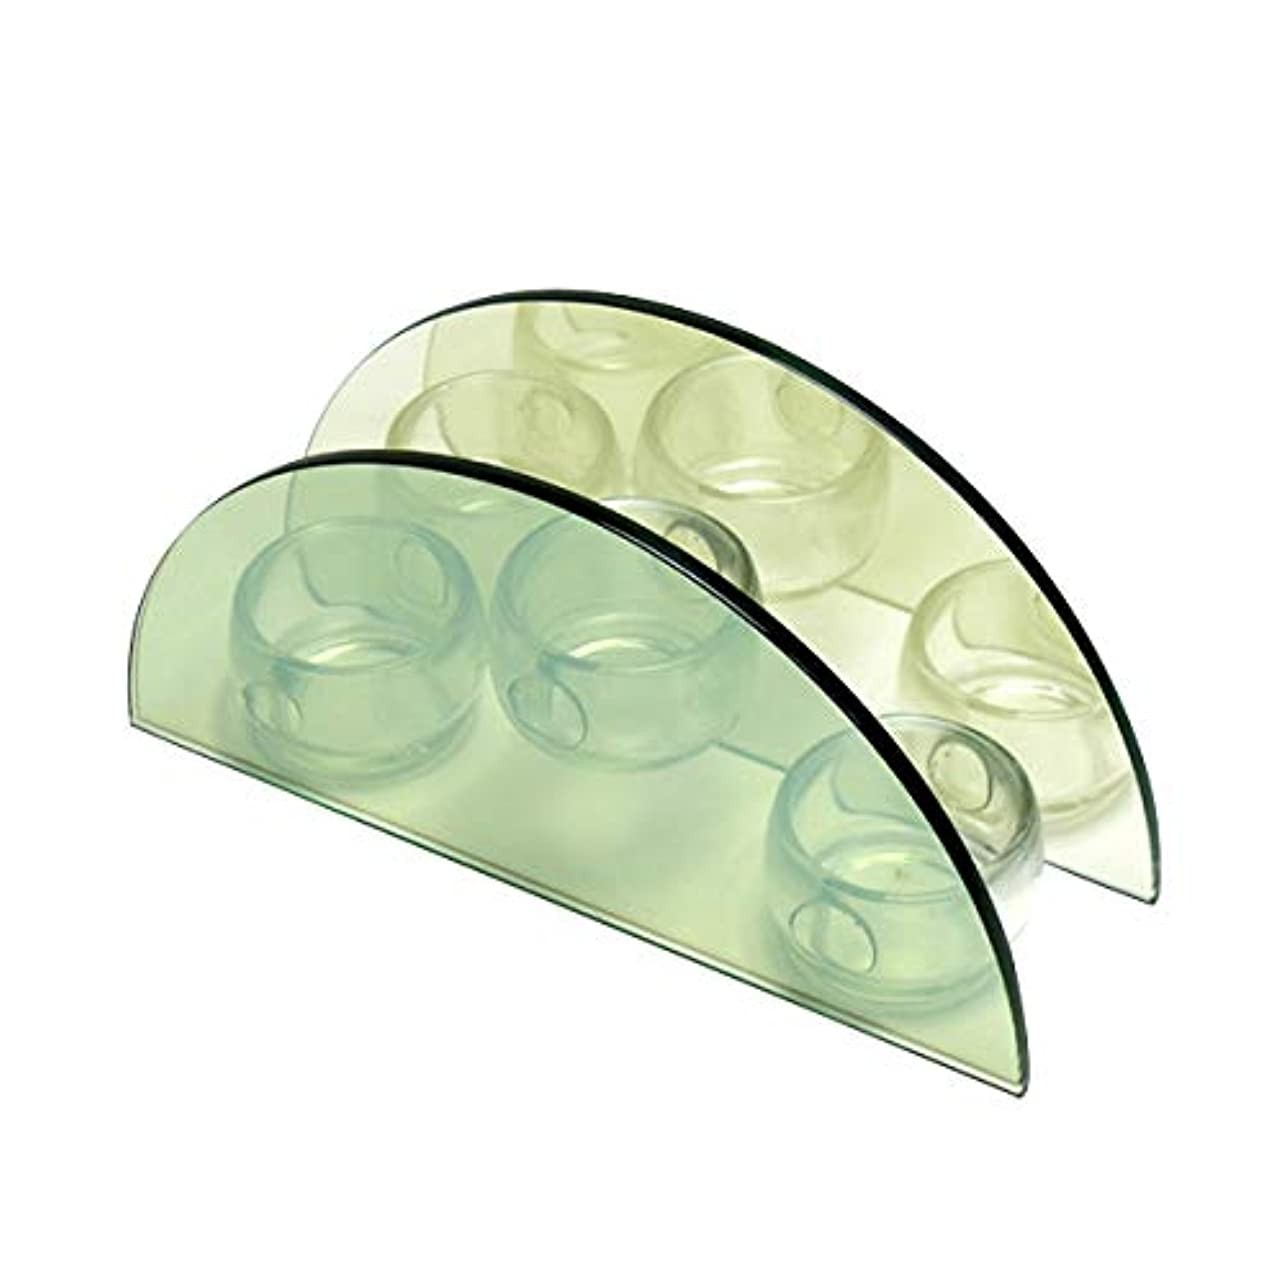 テンポ食べる分岐する無限連鎖キャンドルホルダー セミサークル ガラス キャンドルスタンド ランタン 誕生日 ティーライトキャンドル